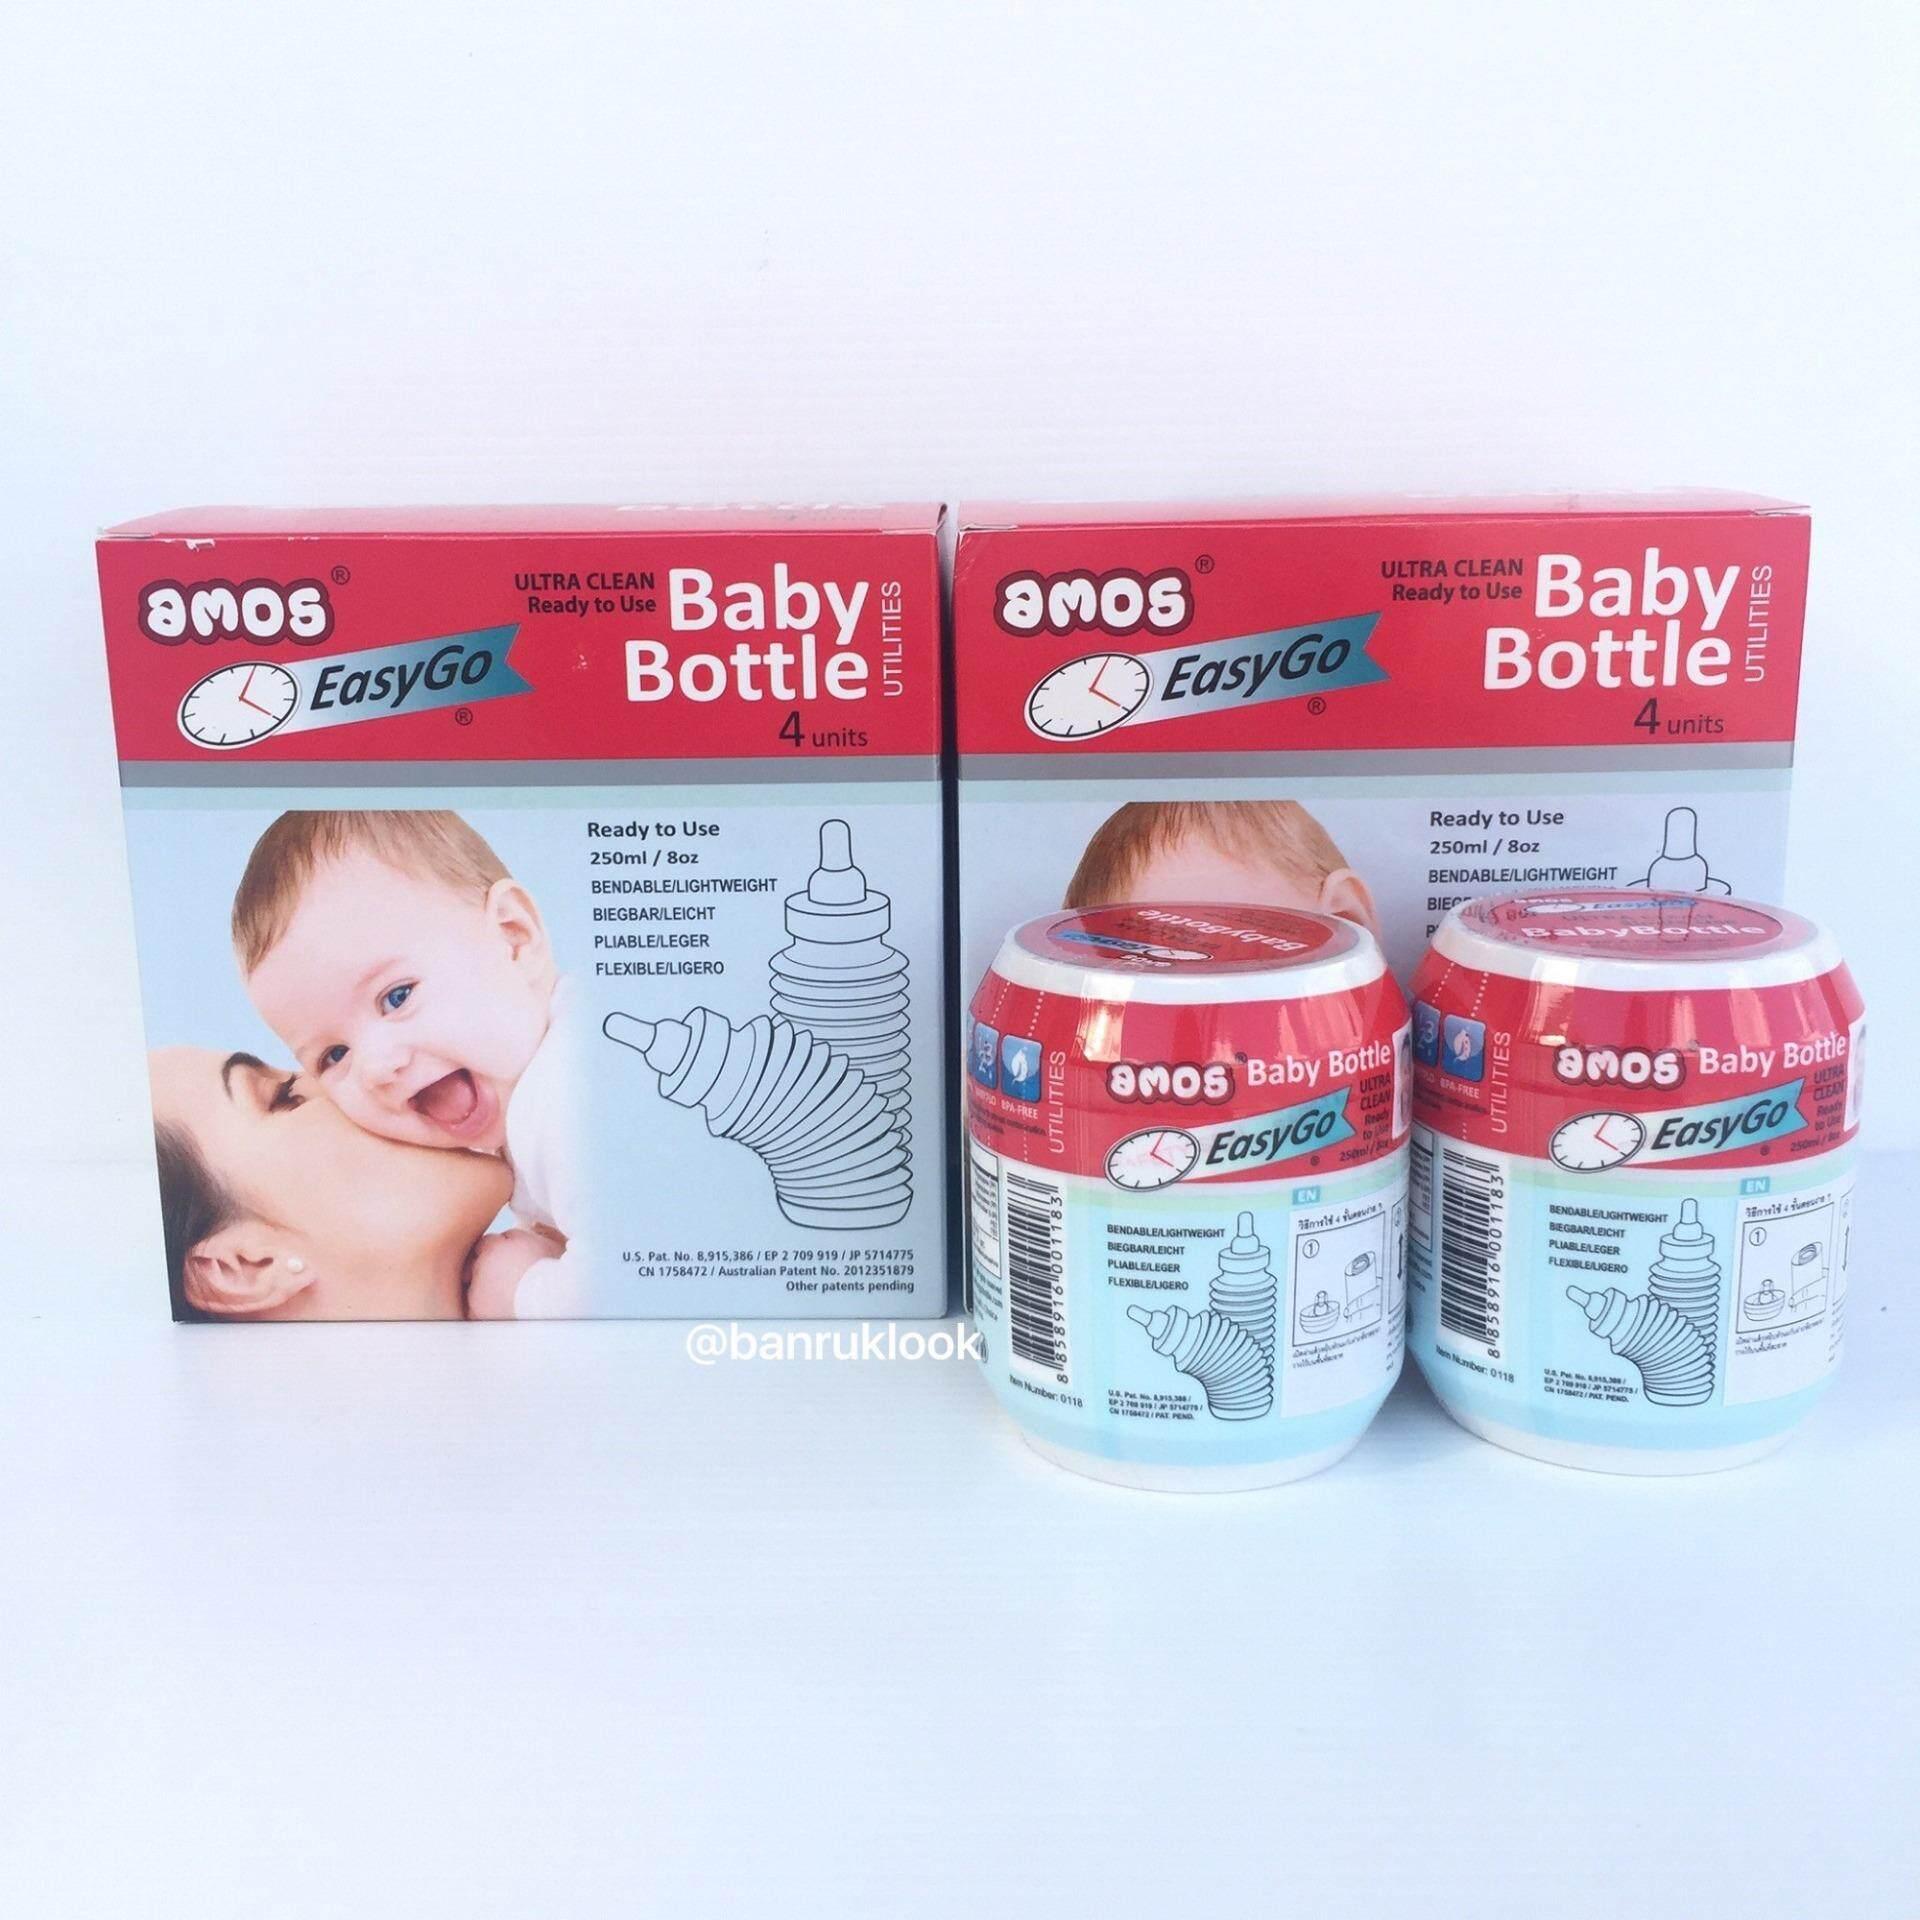 รีวิว amos Baby Bottle ขวดนมเด็กเปิดแล้วใช้ได้เลย ใช้ครั้งเดียวทิ้ง (แพ็ก 4 ขวด x 2 แพ็ก)